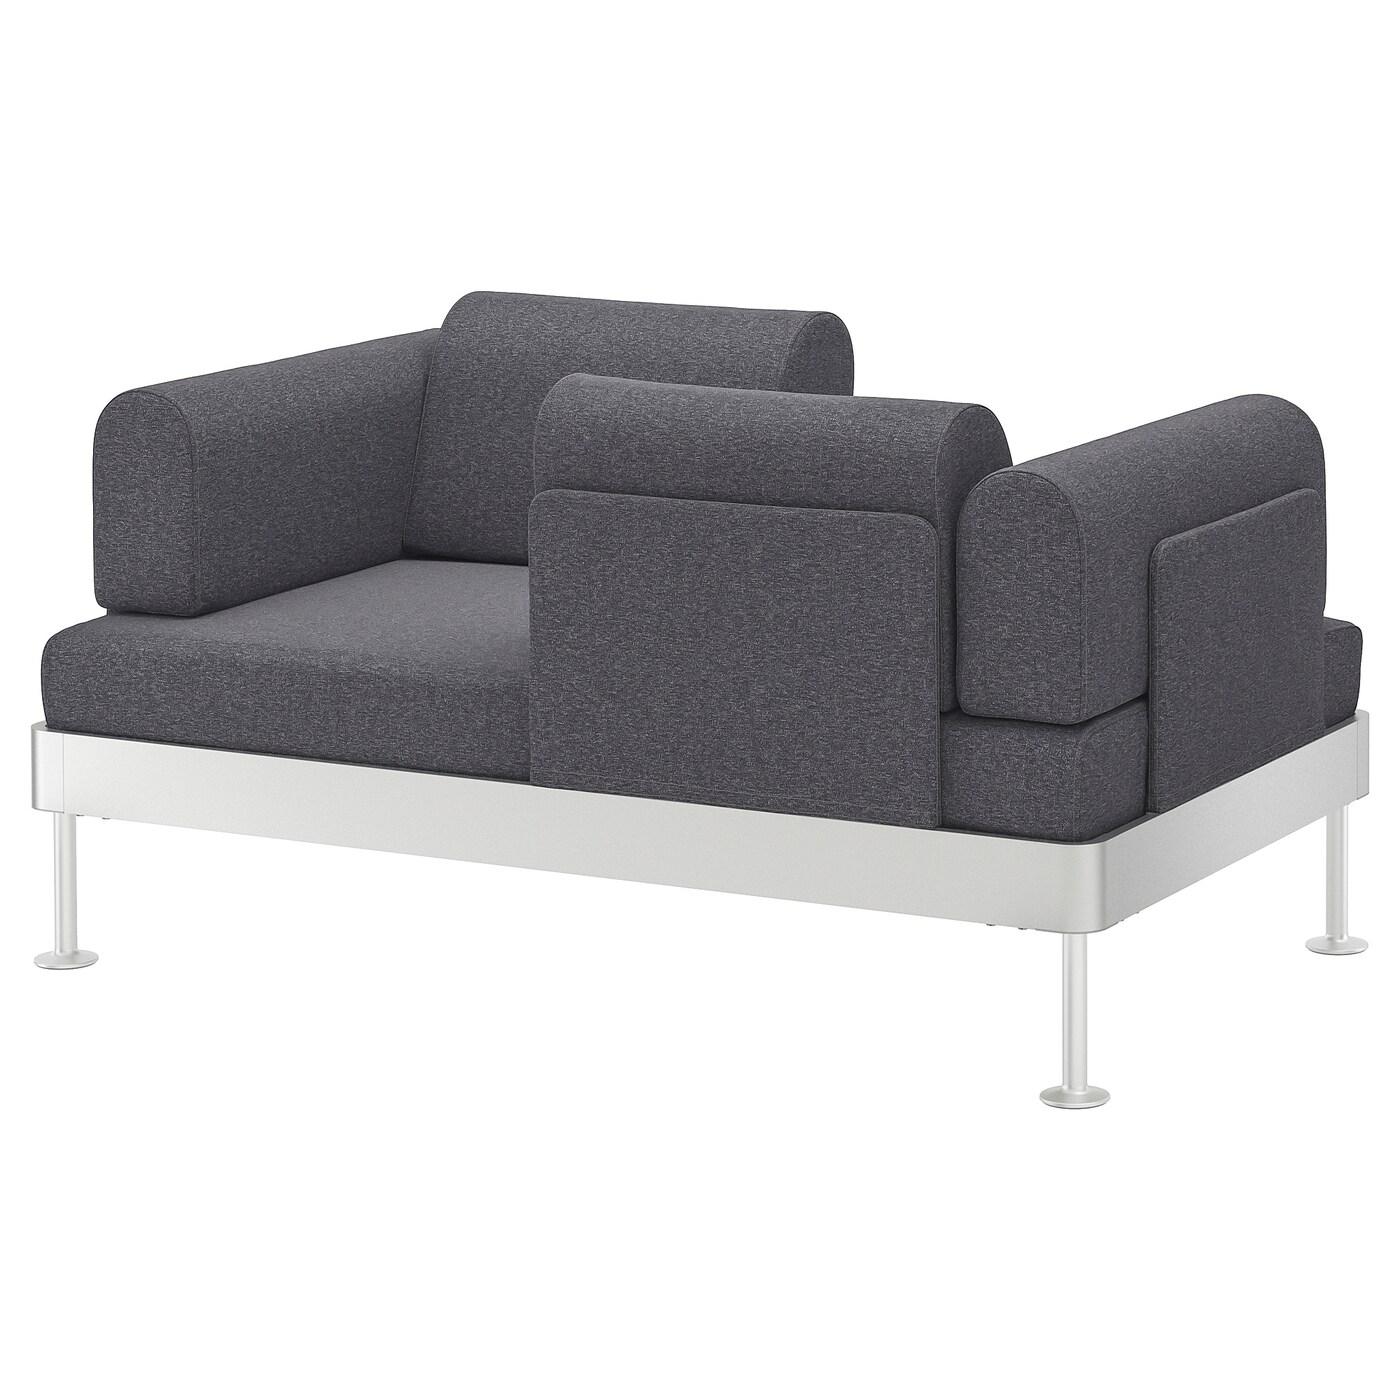 IKEA DELAKTIG Sofa 2-osobowa, Gunnared średnioszary